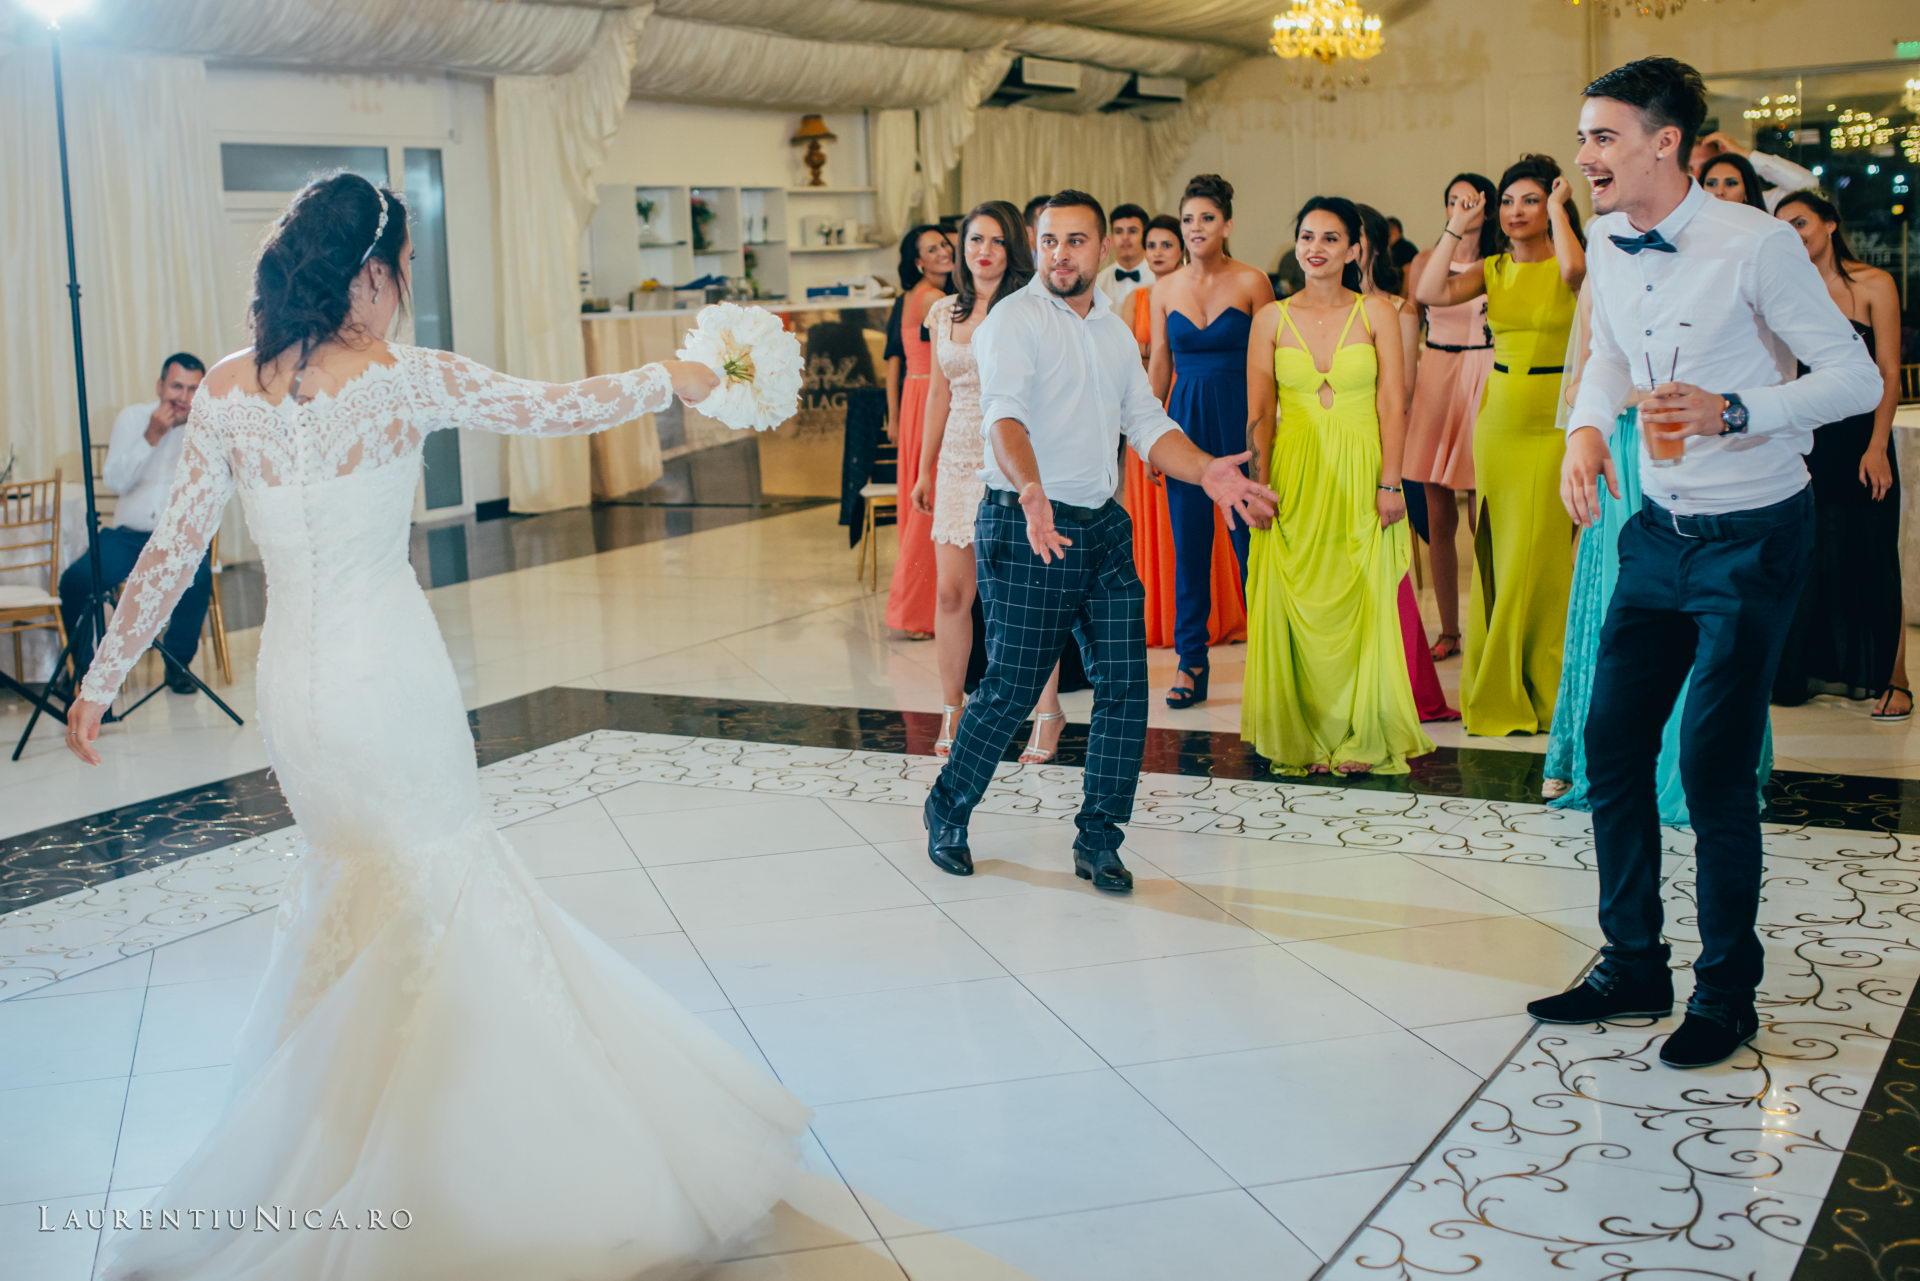 Cristina si Ovidiu nunta Craiova fotograf laurentiu nica 149 - Cristina & Ovidiu | Fotografii nunta | Craiova